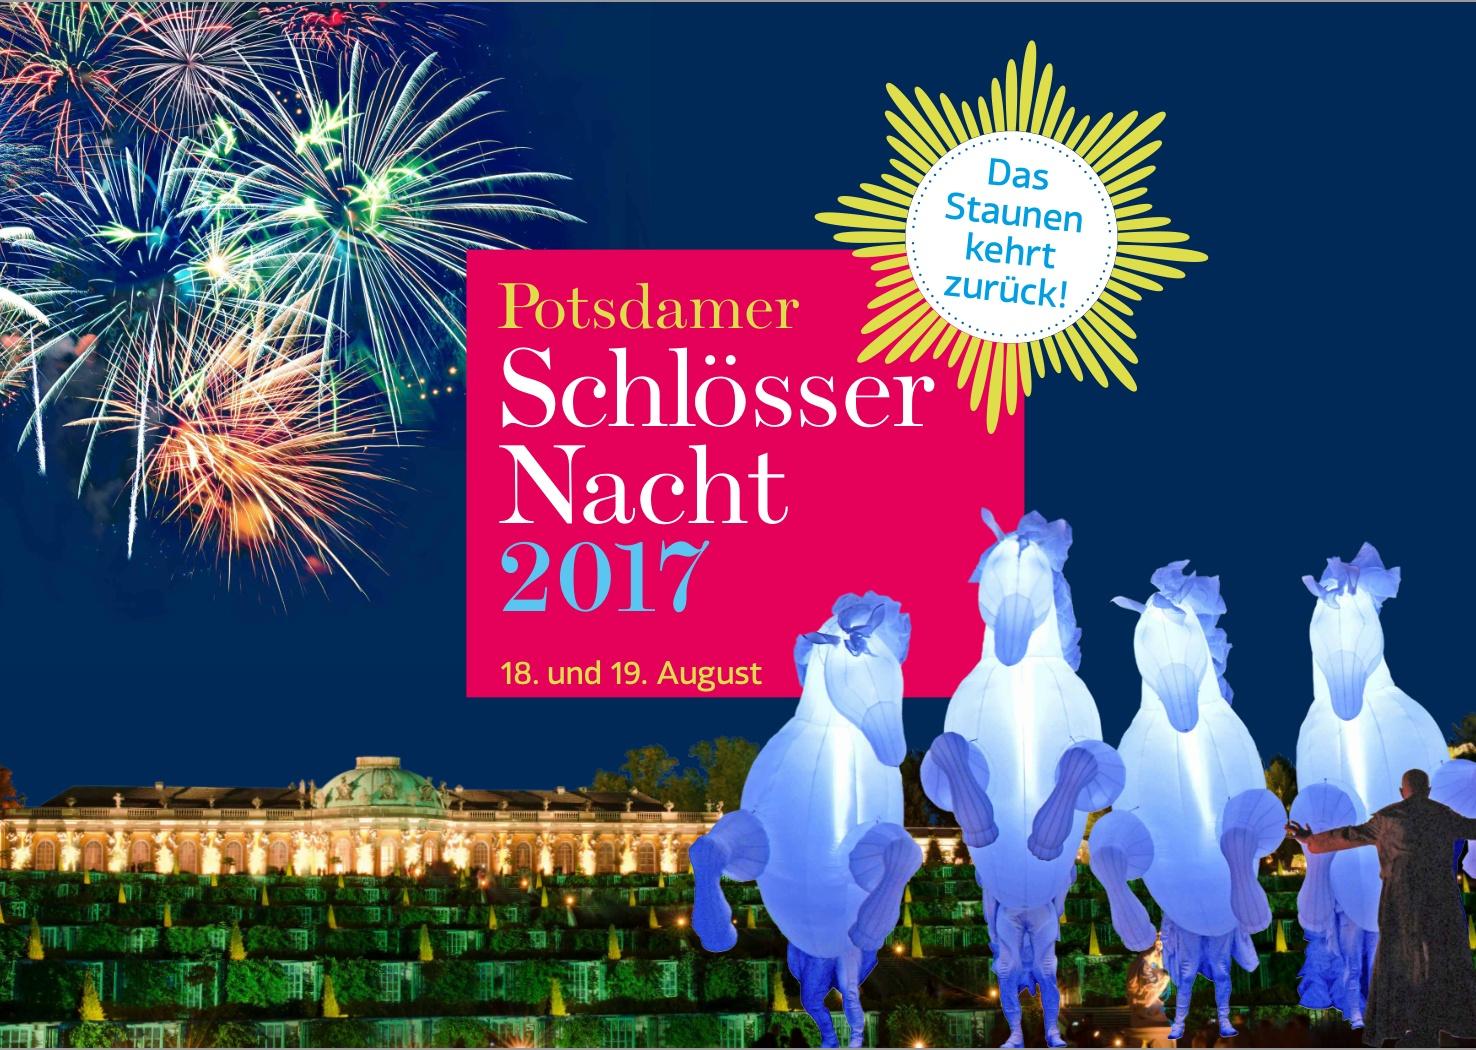 Potsdamer Schlössernacht 2017 – Das Staunen kehrt zurück – Schloss Sanssouci und Schlossgärten in Potsdam